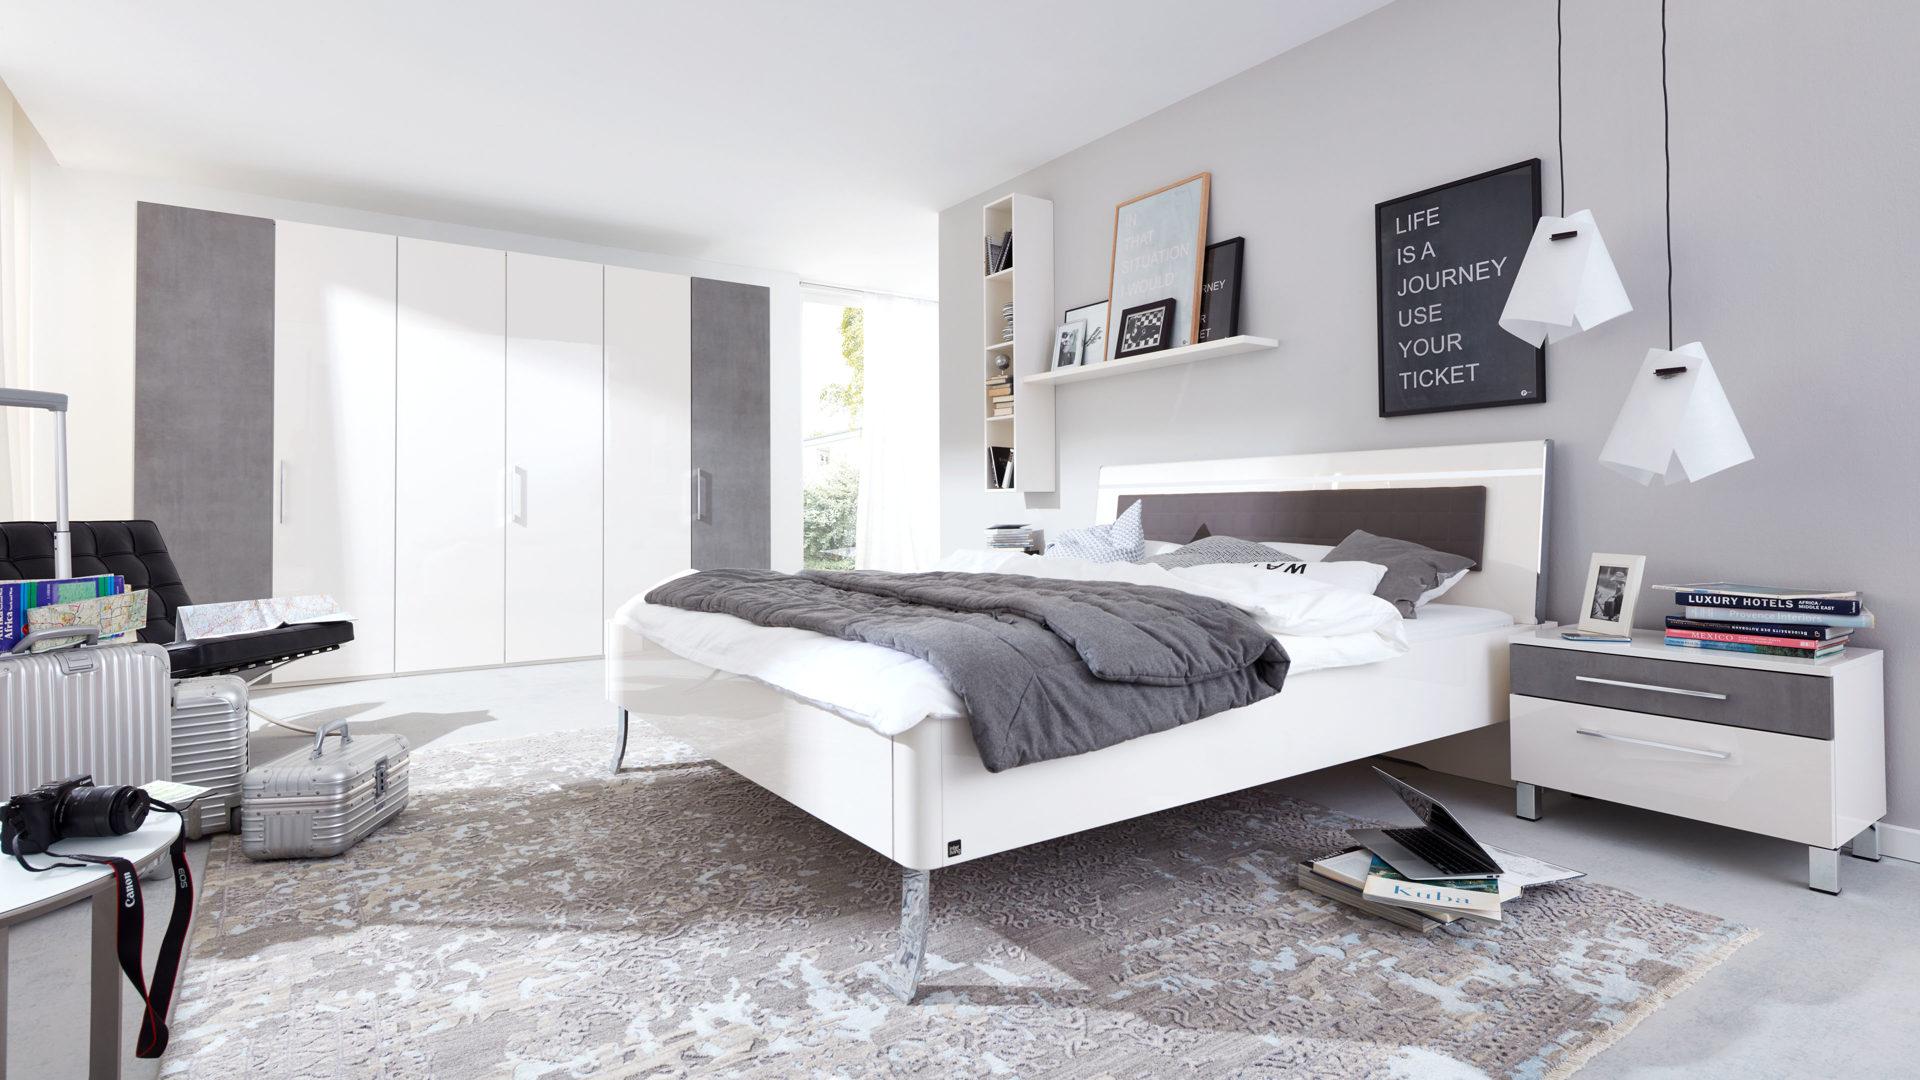 Interliving Schlafzimmer Serie 1003 – Schlafzimmerkombination, bianco weiße  Hochglanz- & betonfarbene Kunststoffoberflächen